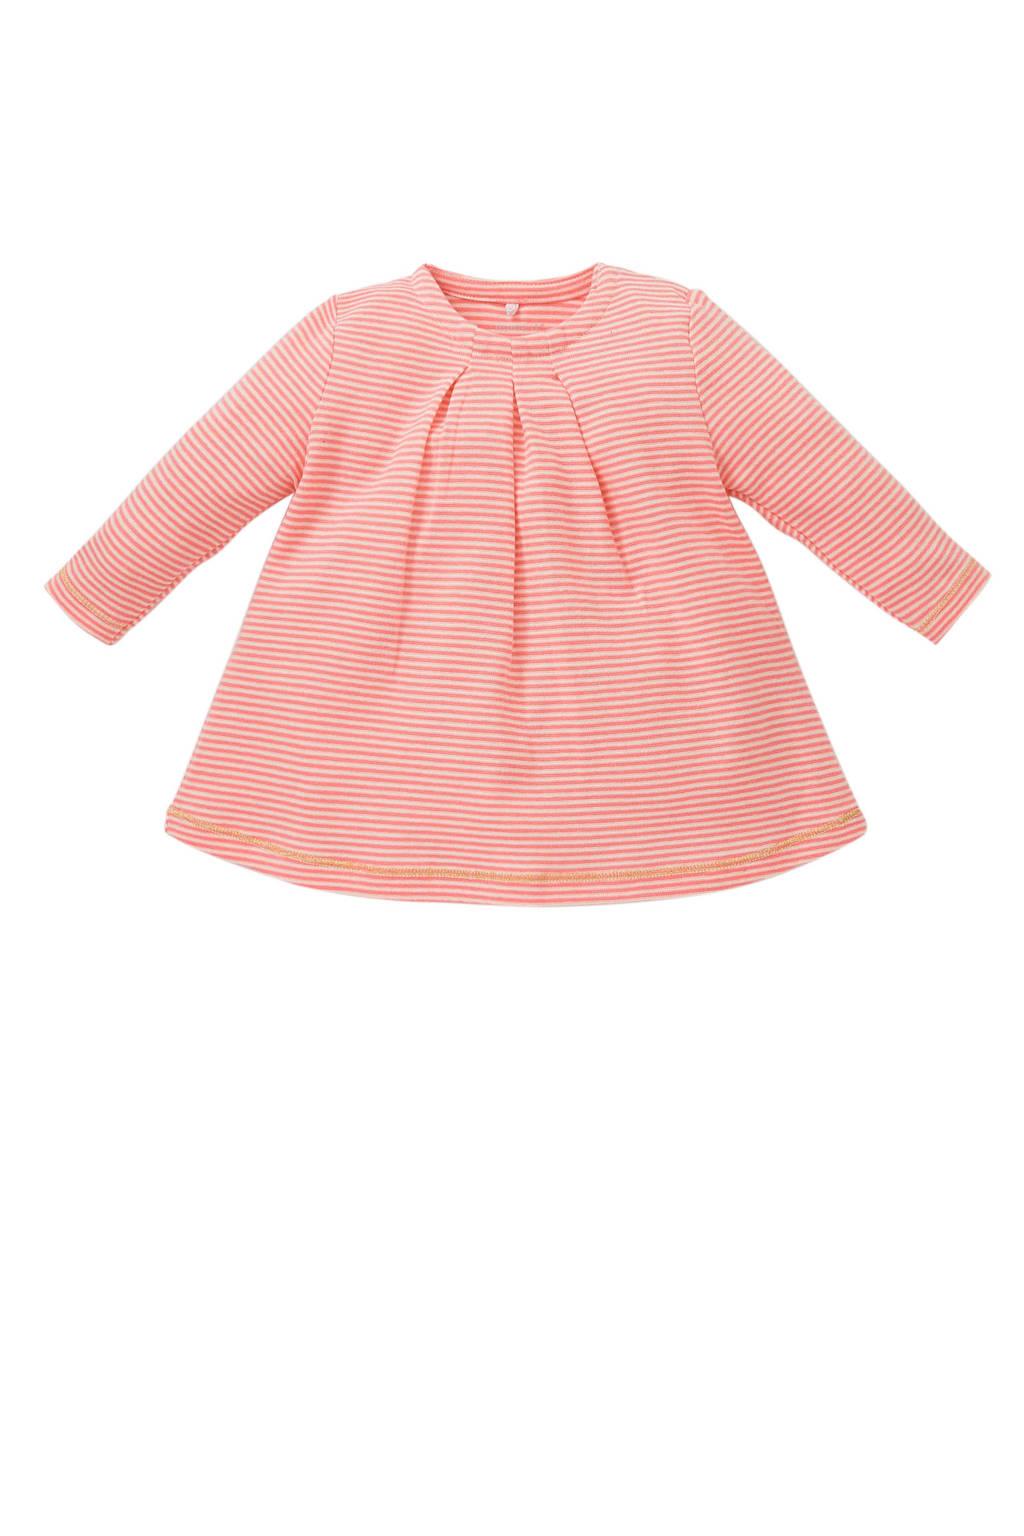 NAME IT BABY gestreepte tuniek roze, Roze